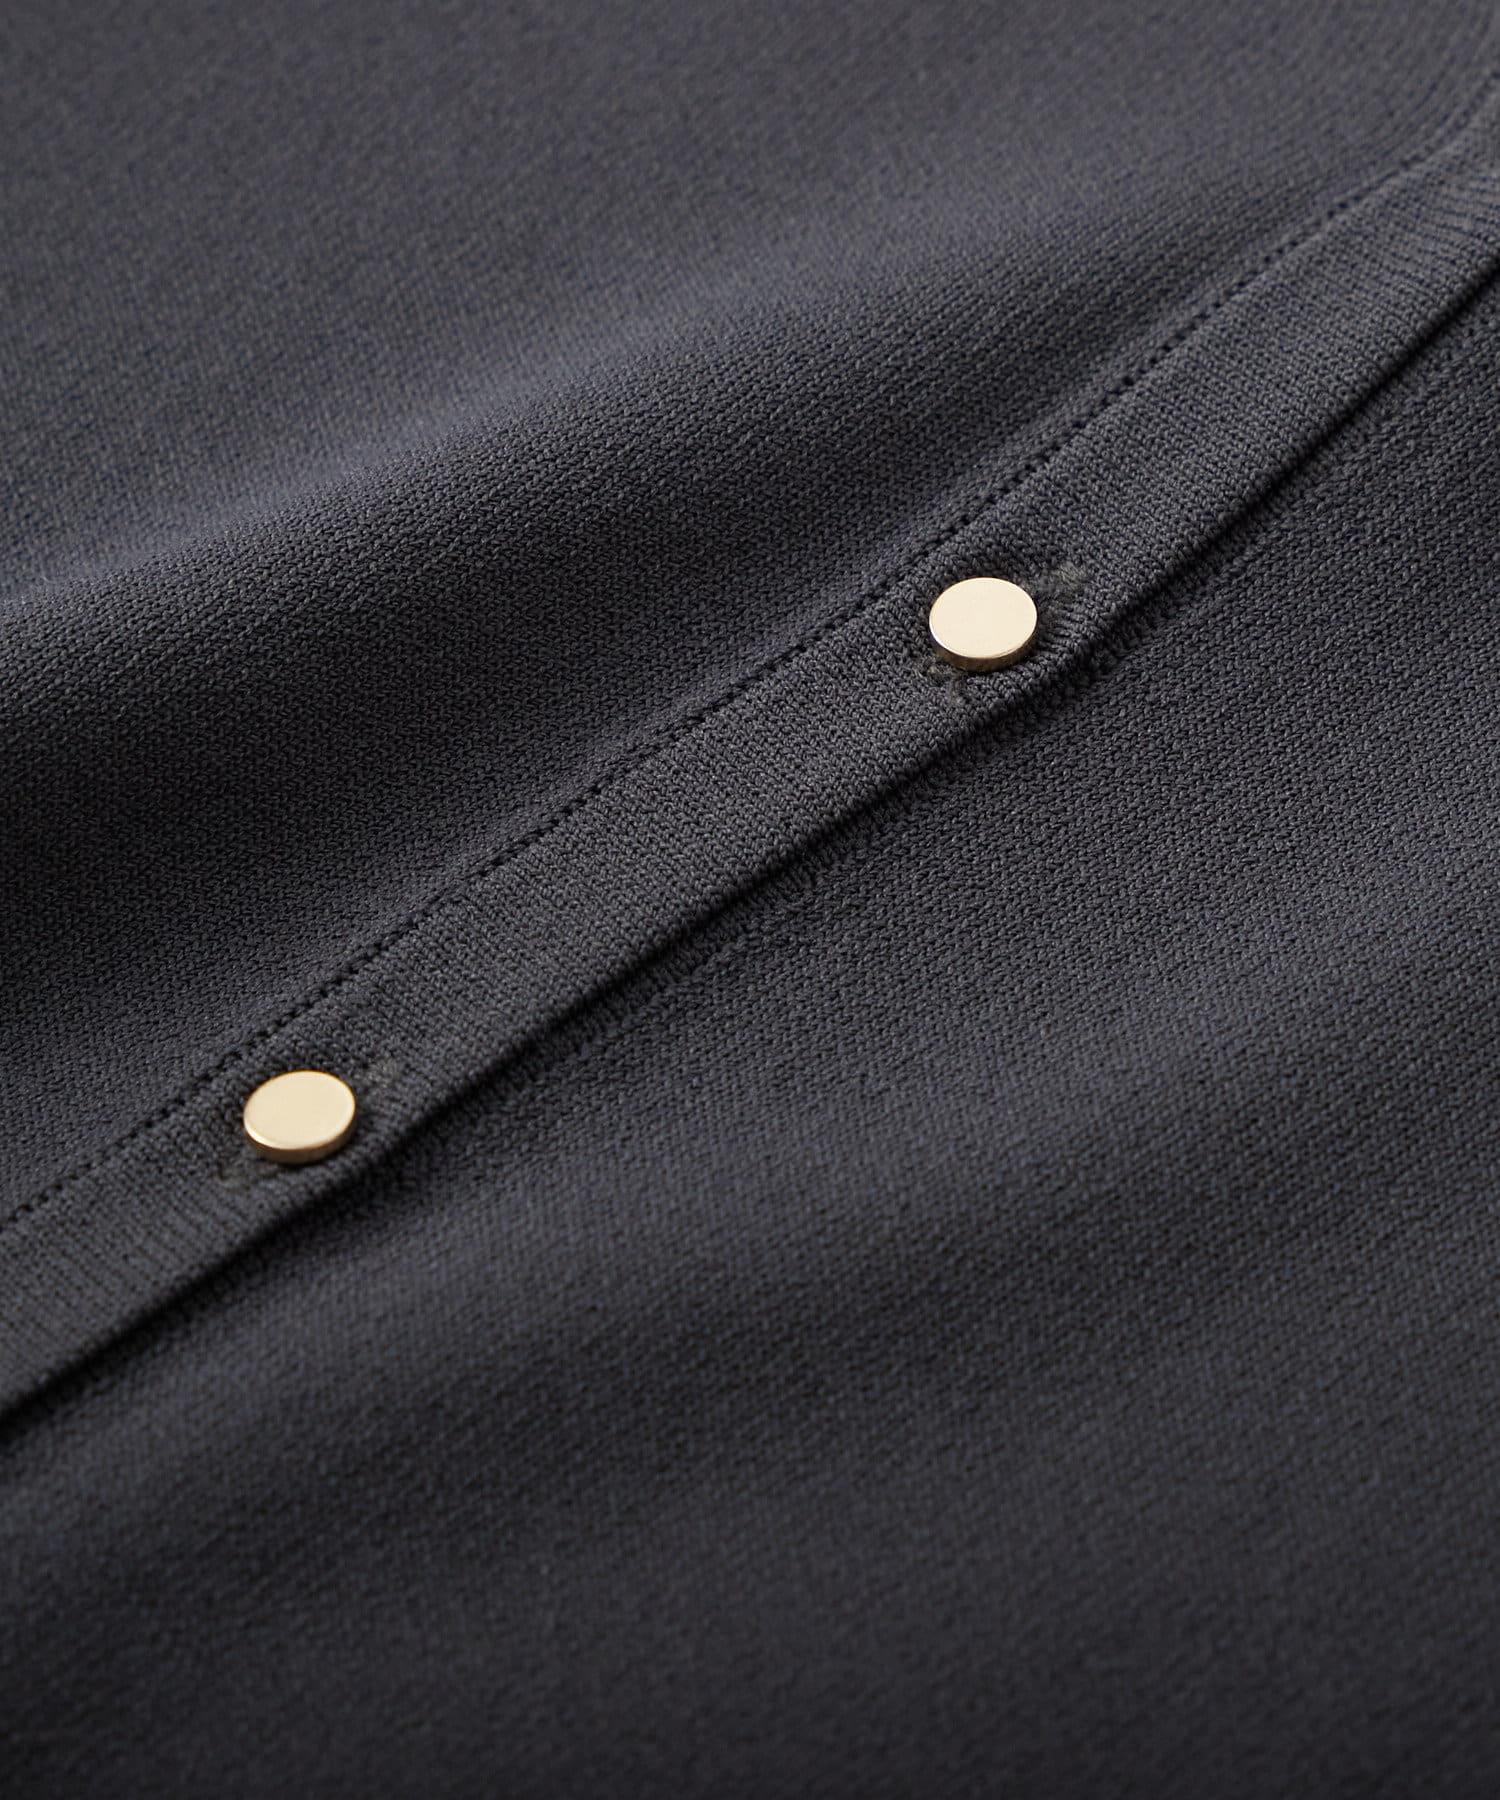 La boutique BonBon(ラブティックボンボン) 【手洗い可・接触冷感・UVカット】スキッパーカーディガン